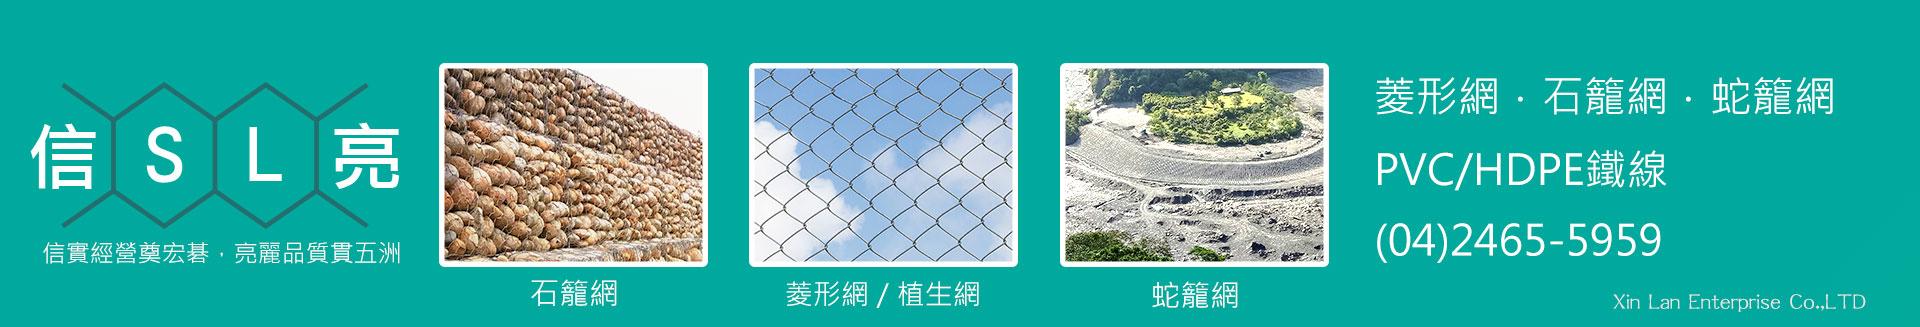 信亮企業有限公司 04-24655959